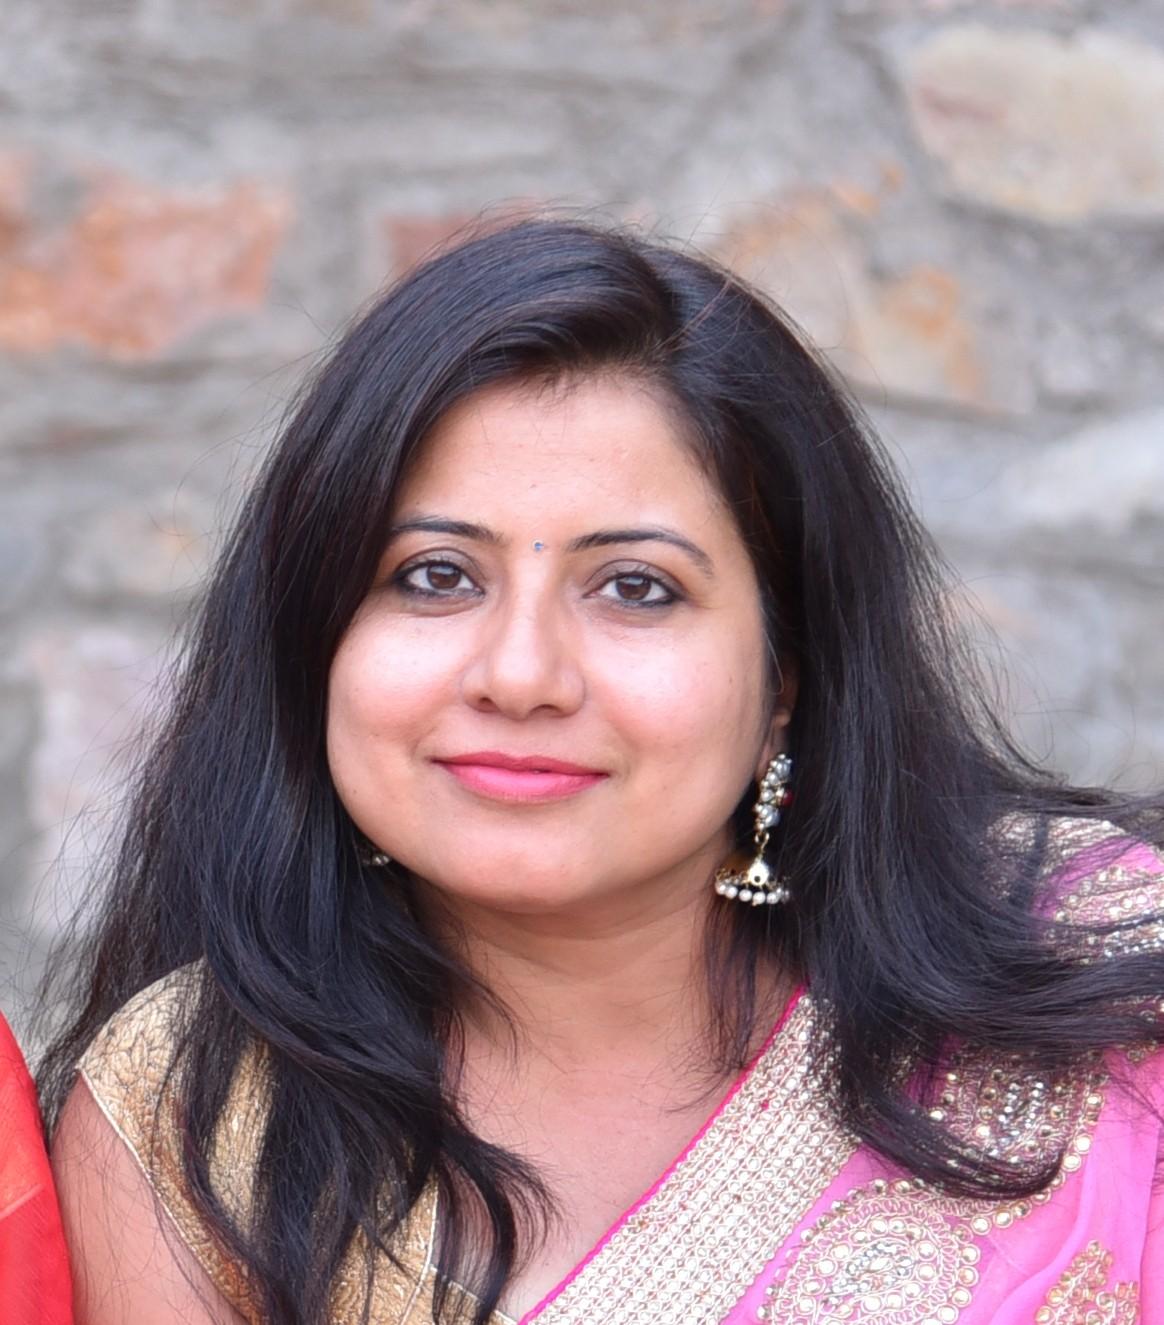 Ms. Swati Puri